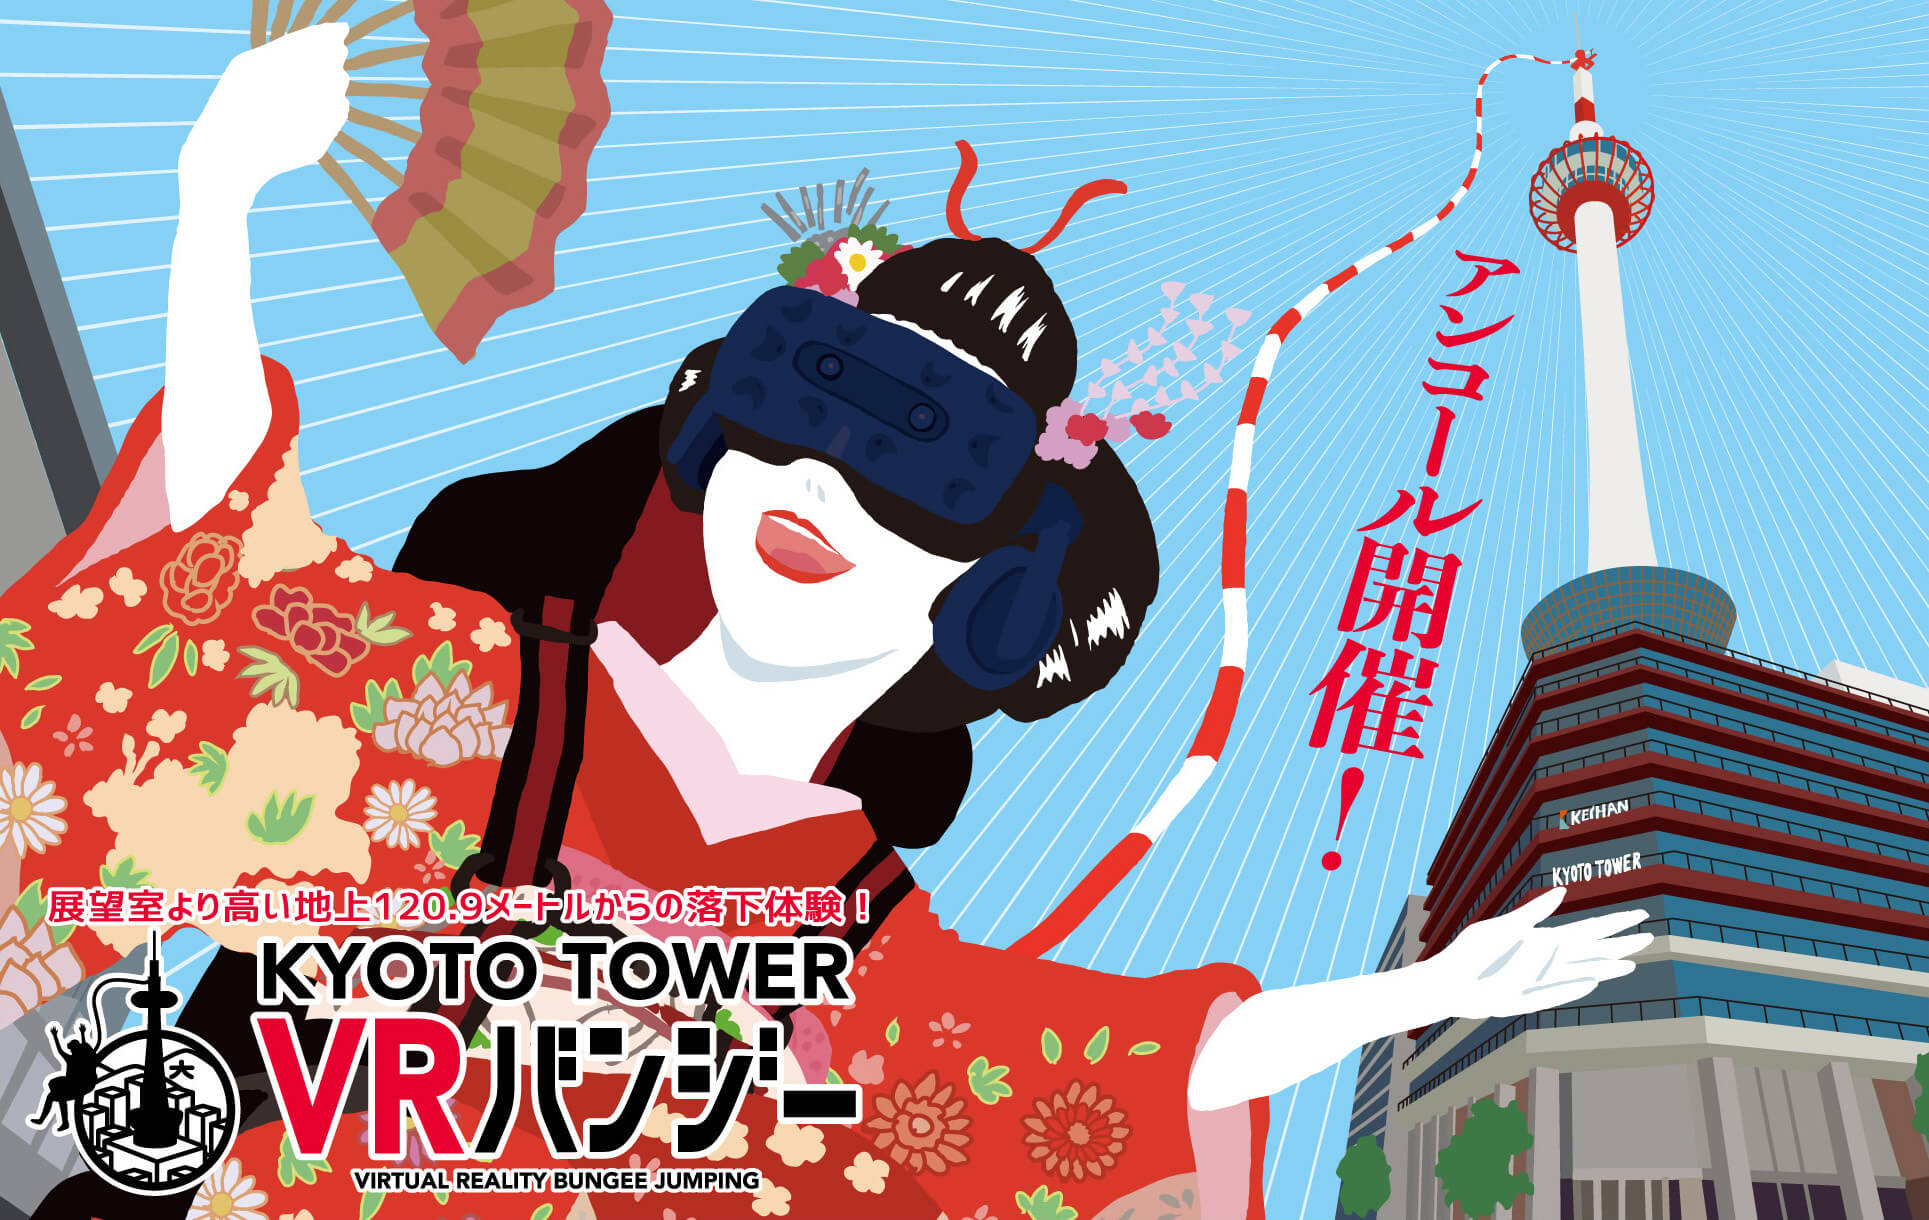 京都タワー VRバンジー KYOTO TOWER